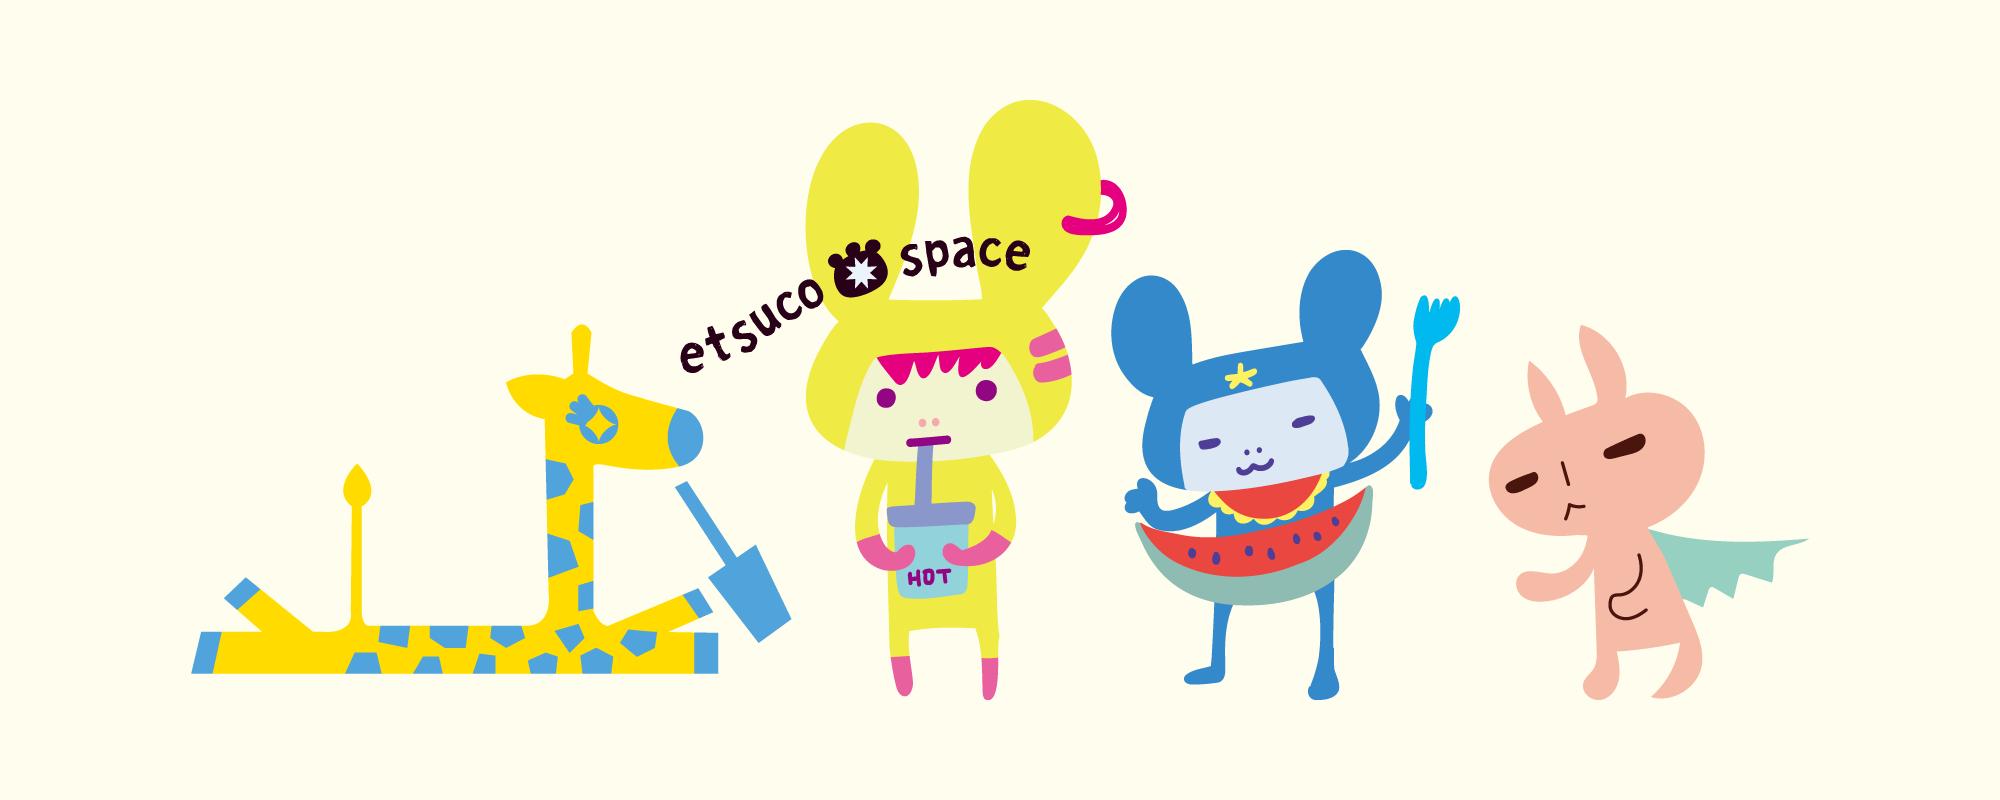 etsuco.com